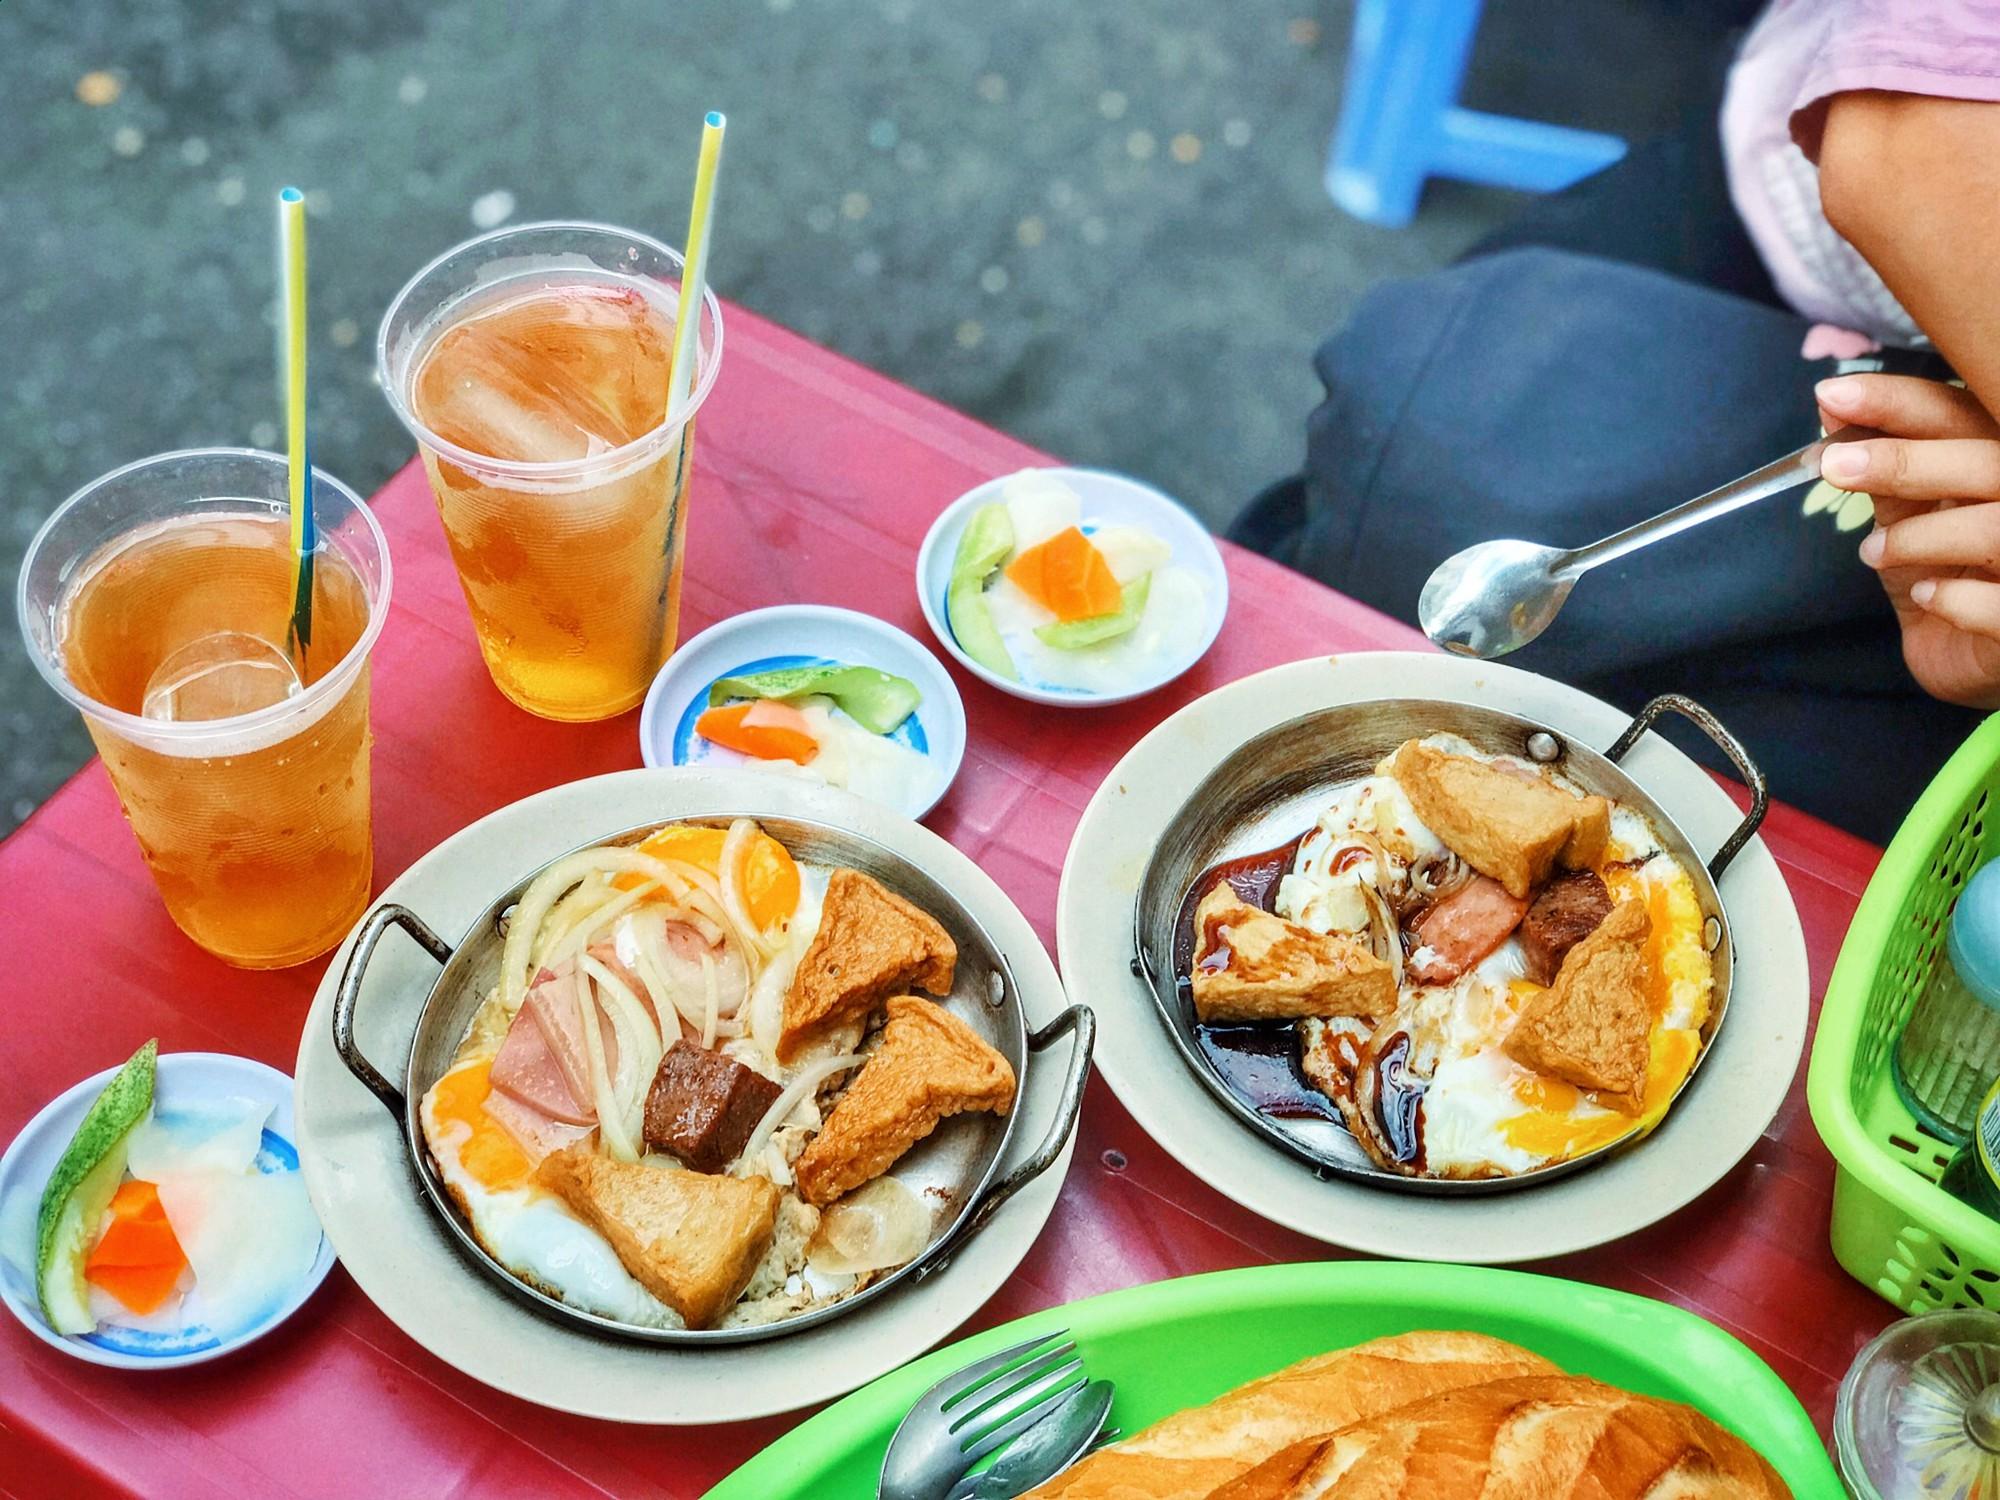 Tận hưởng bữa sáng theo cách riêng rất lạ của người Sài Gòn - Ảnh 2.